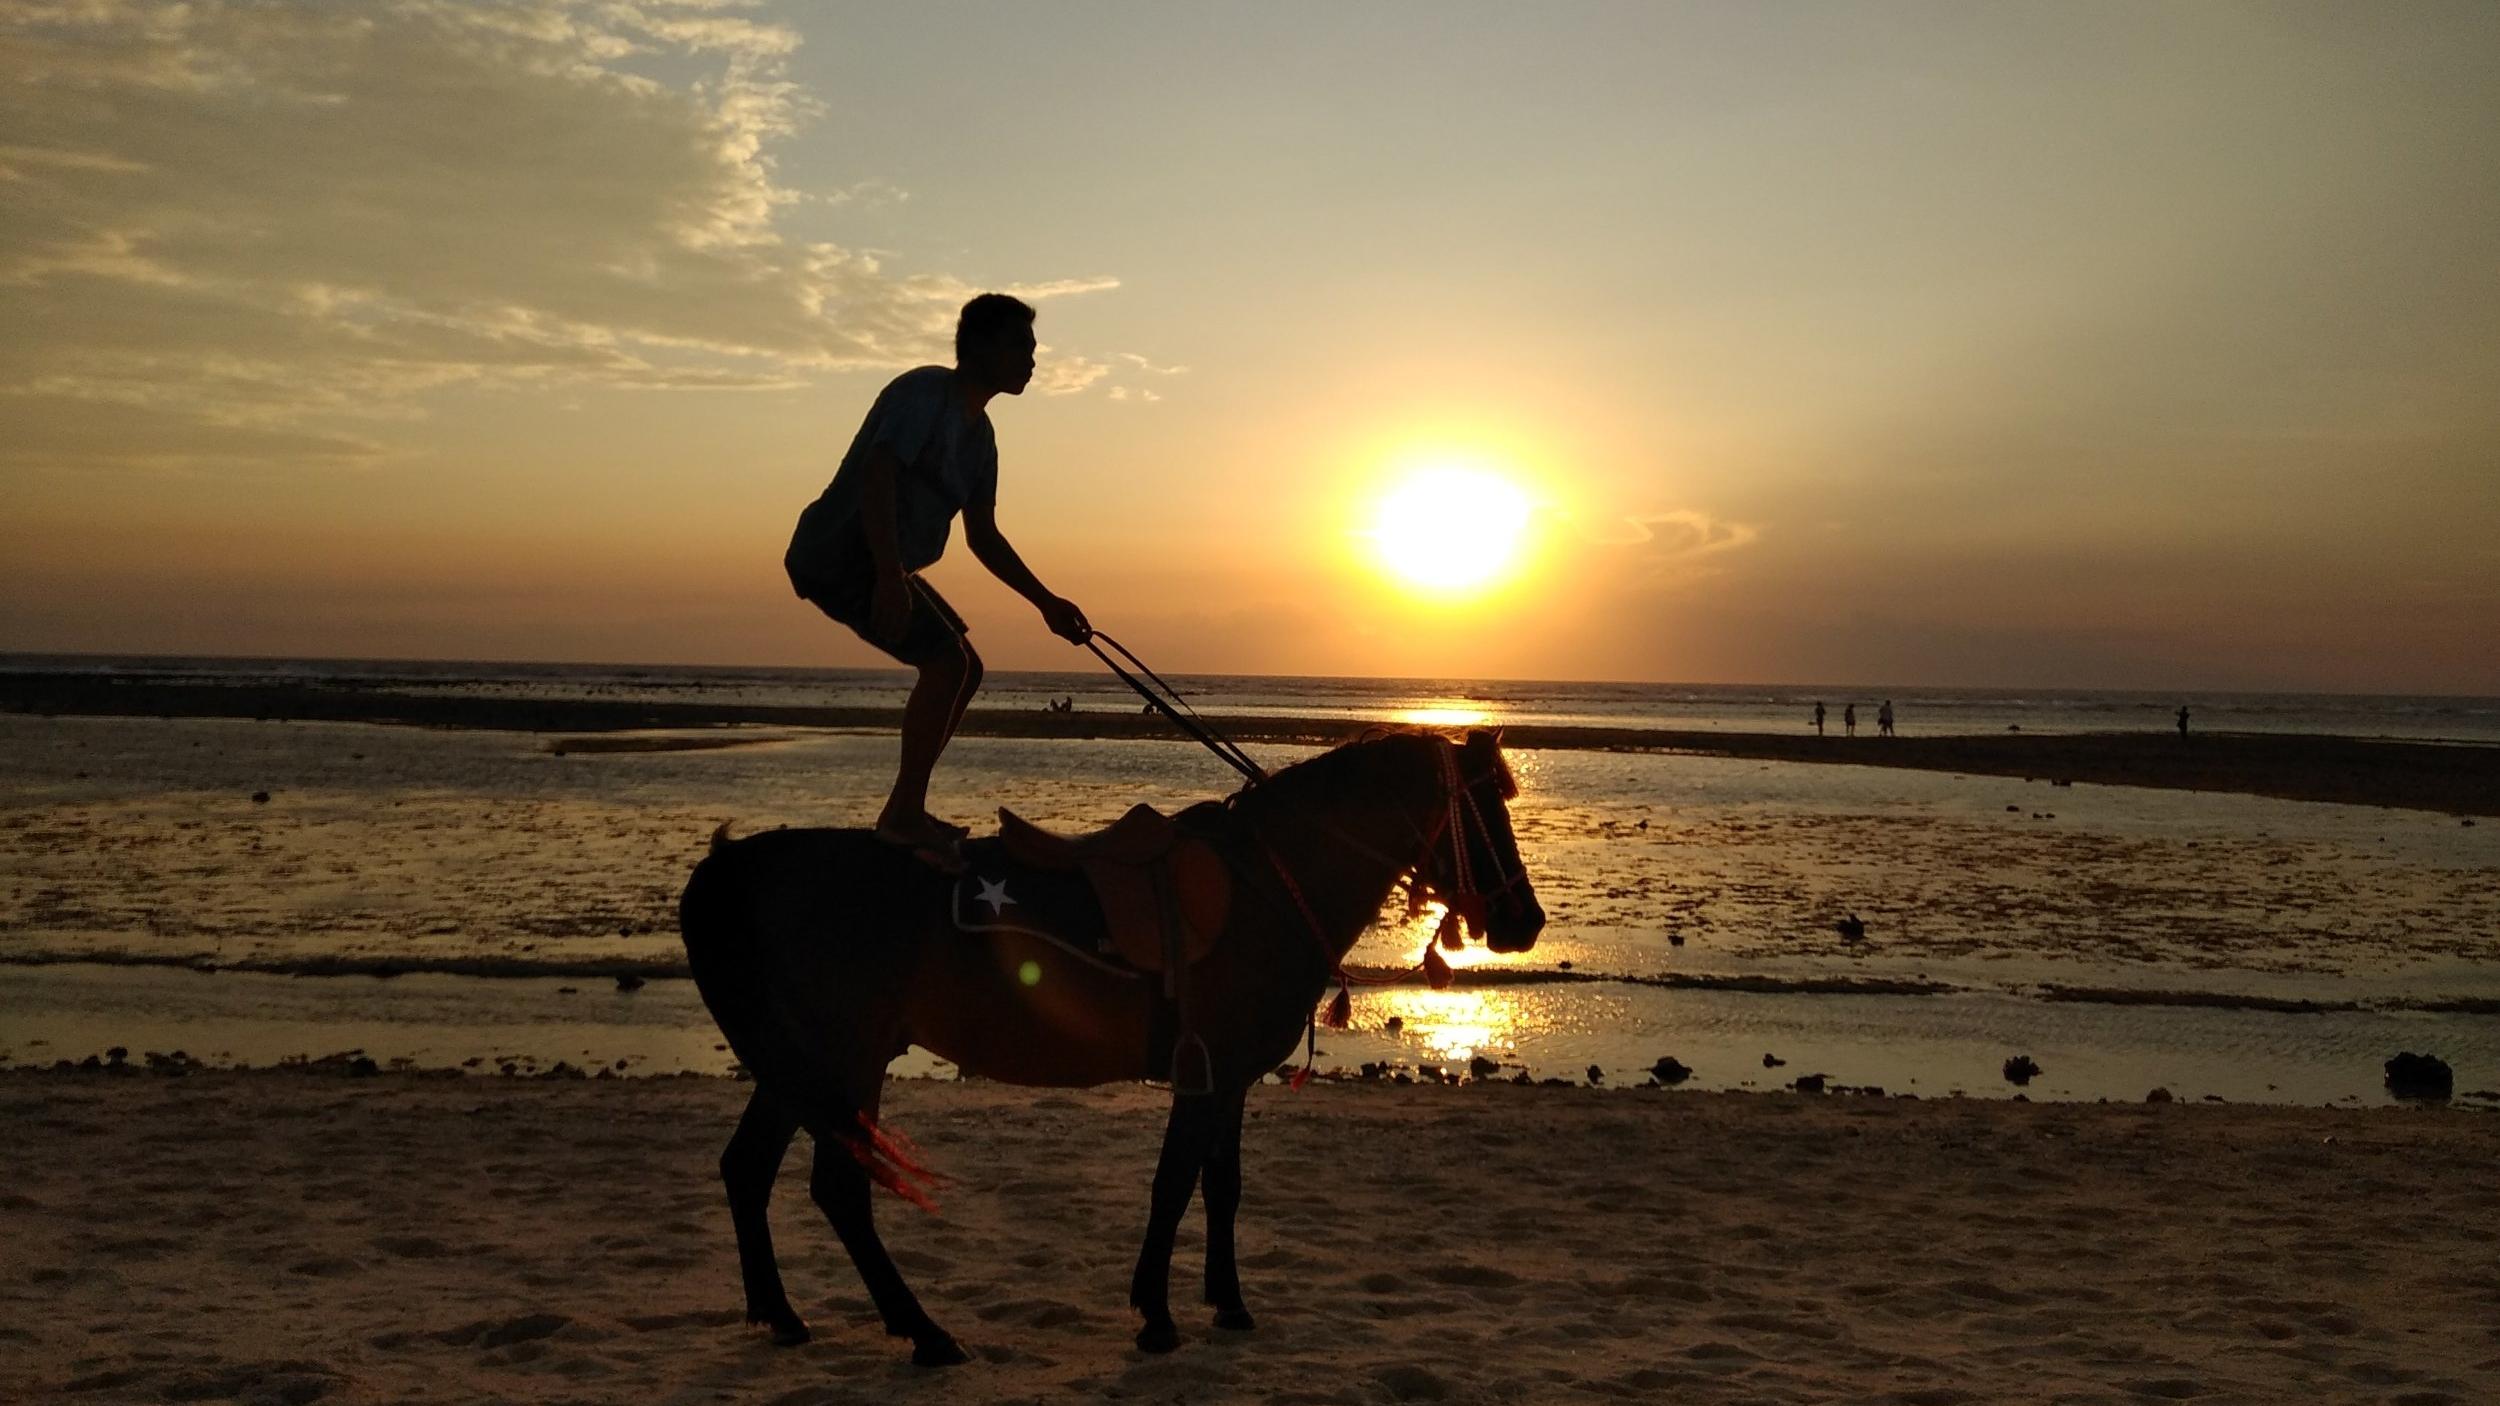 Gili Islands Horse Riding Sunset